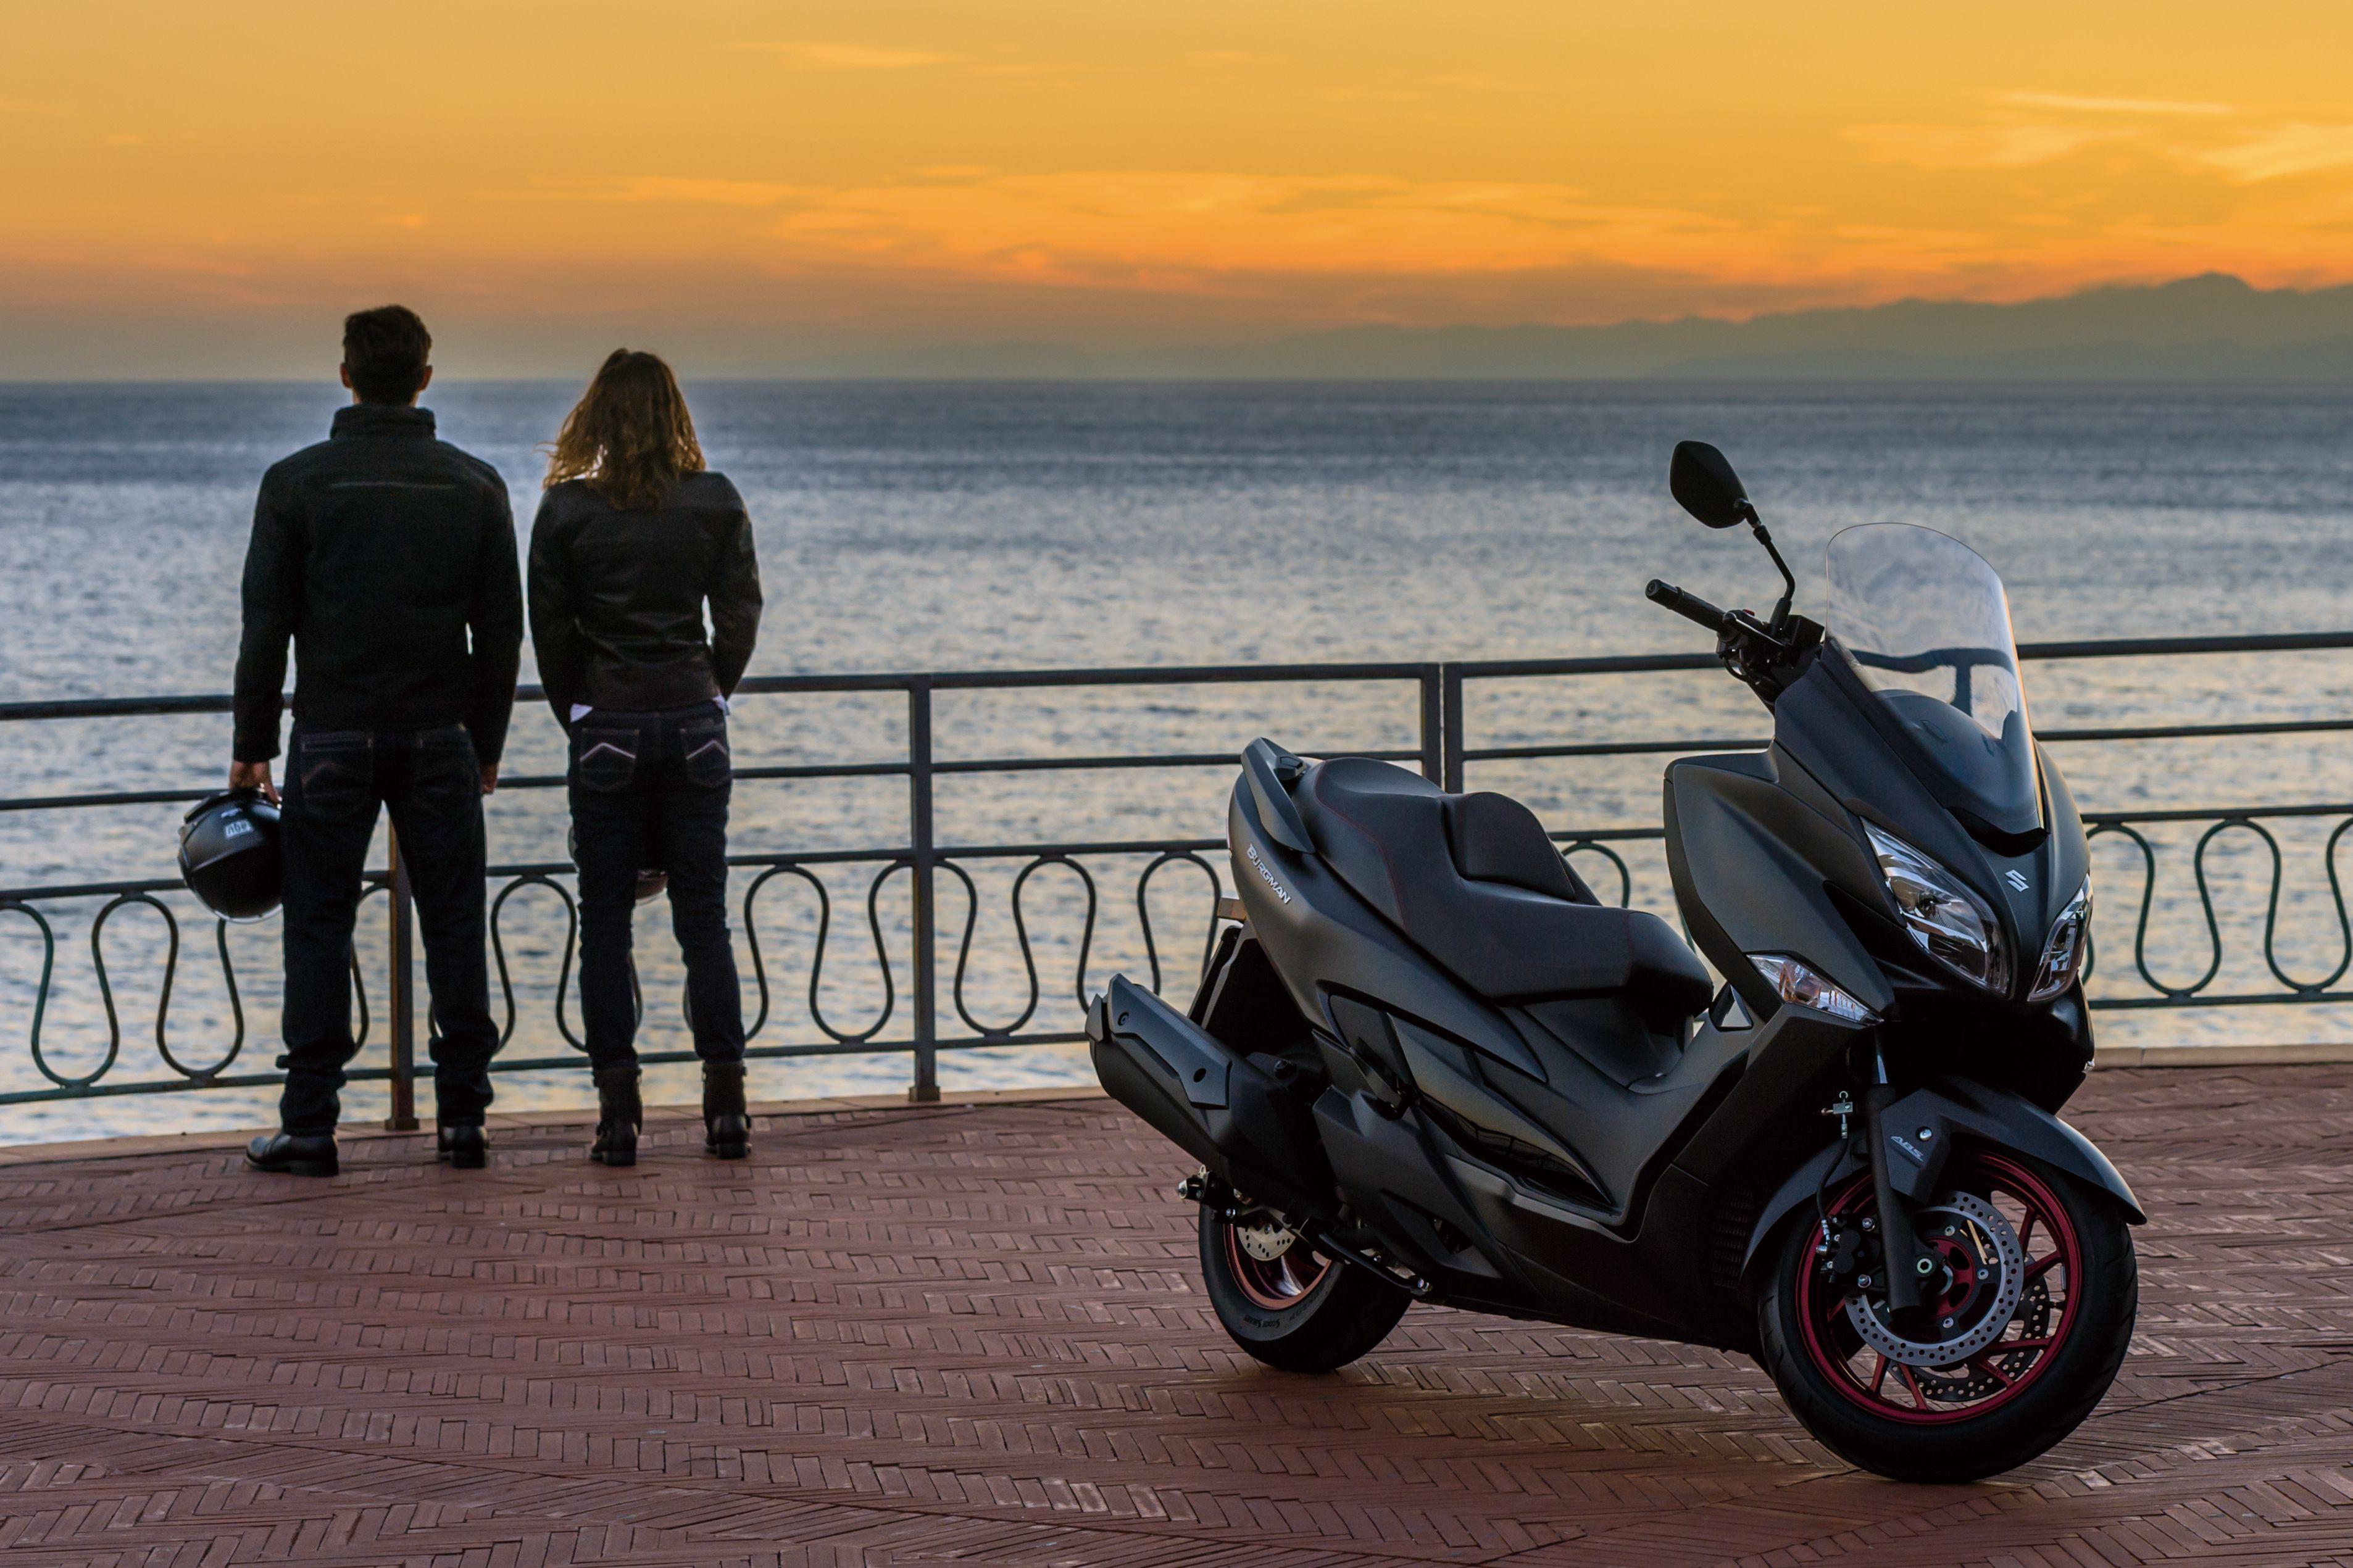 Suzuki burgman 400 review uk dating 8